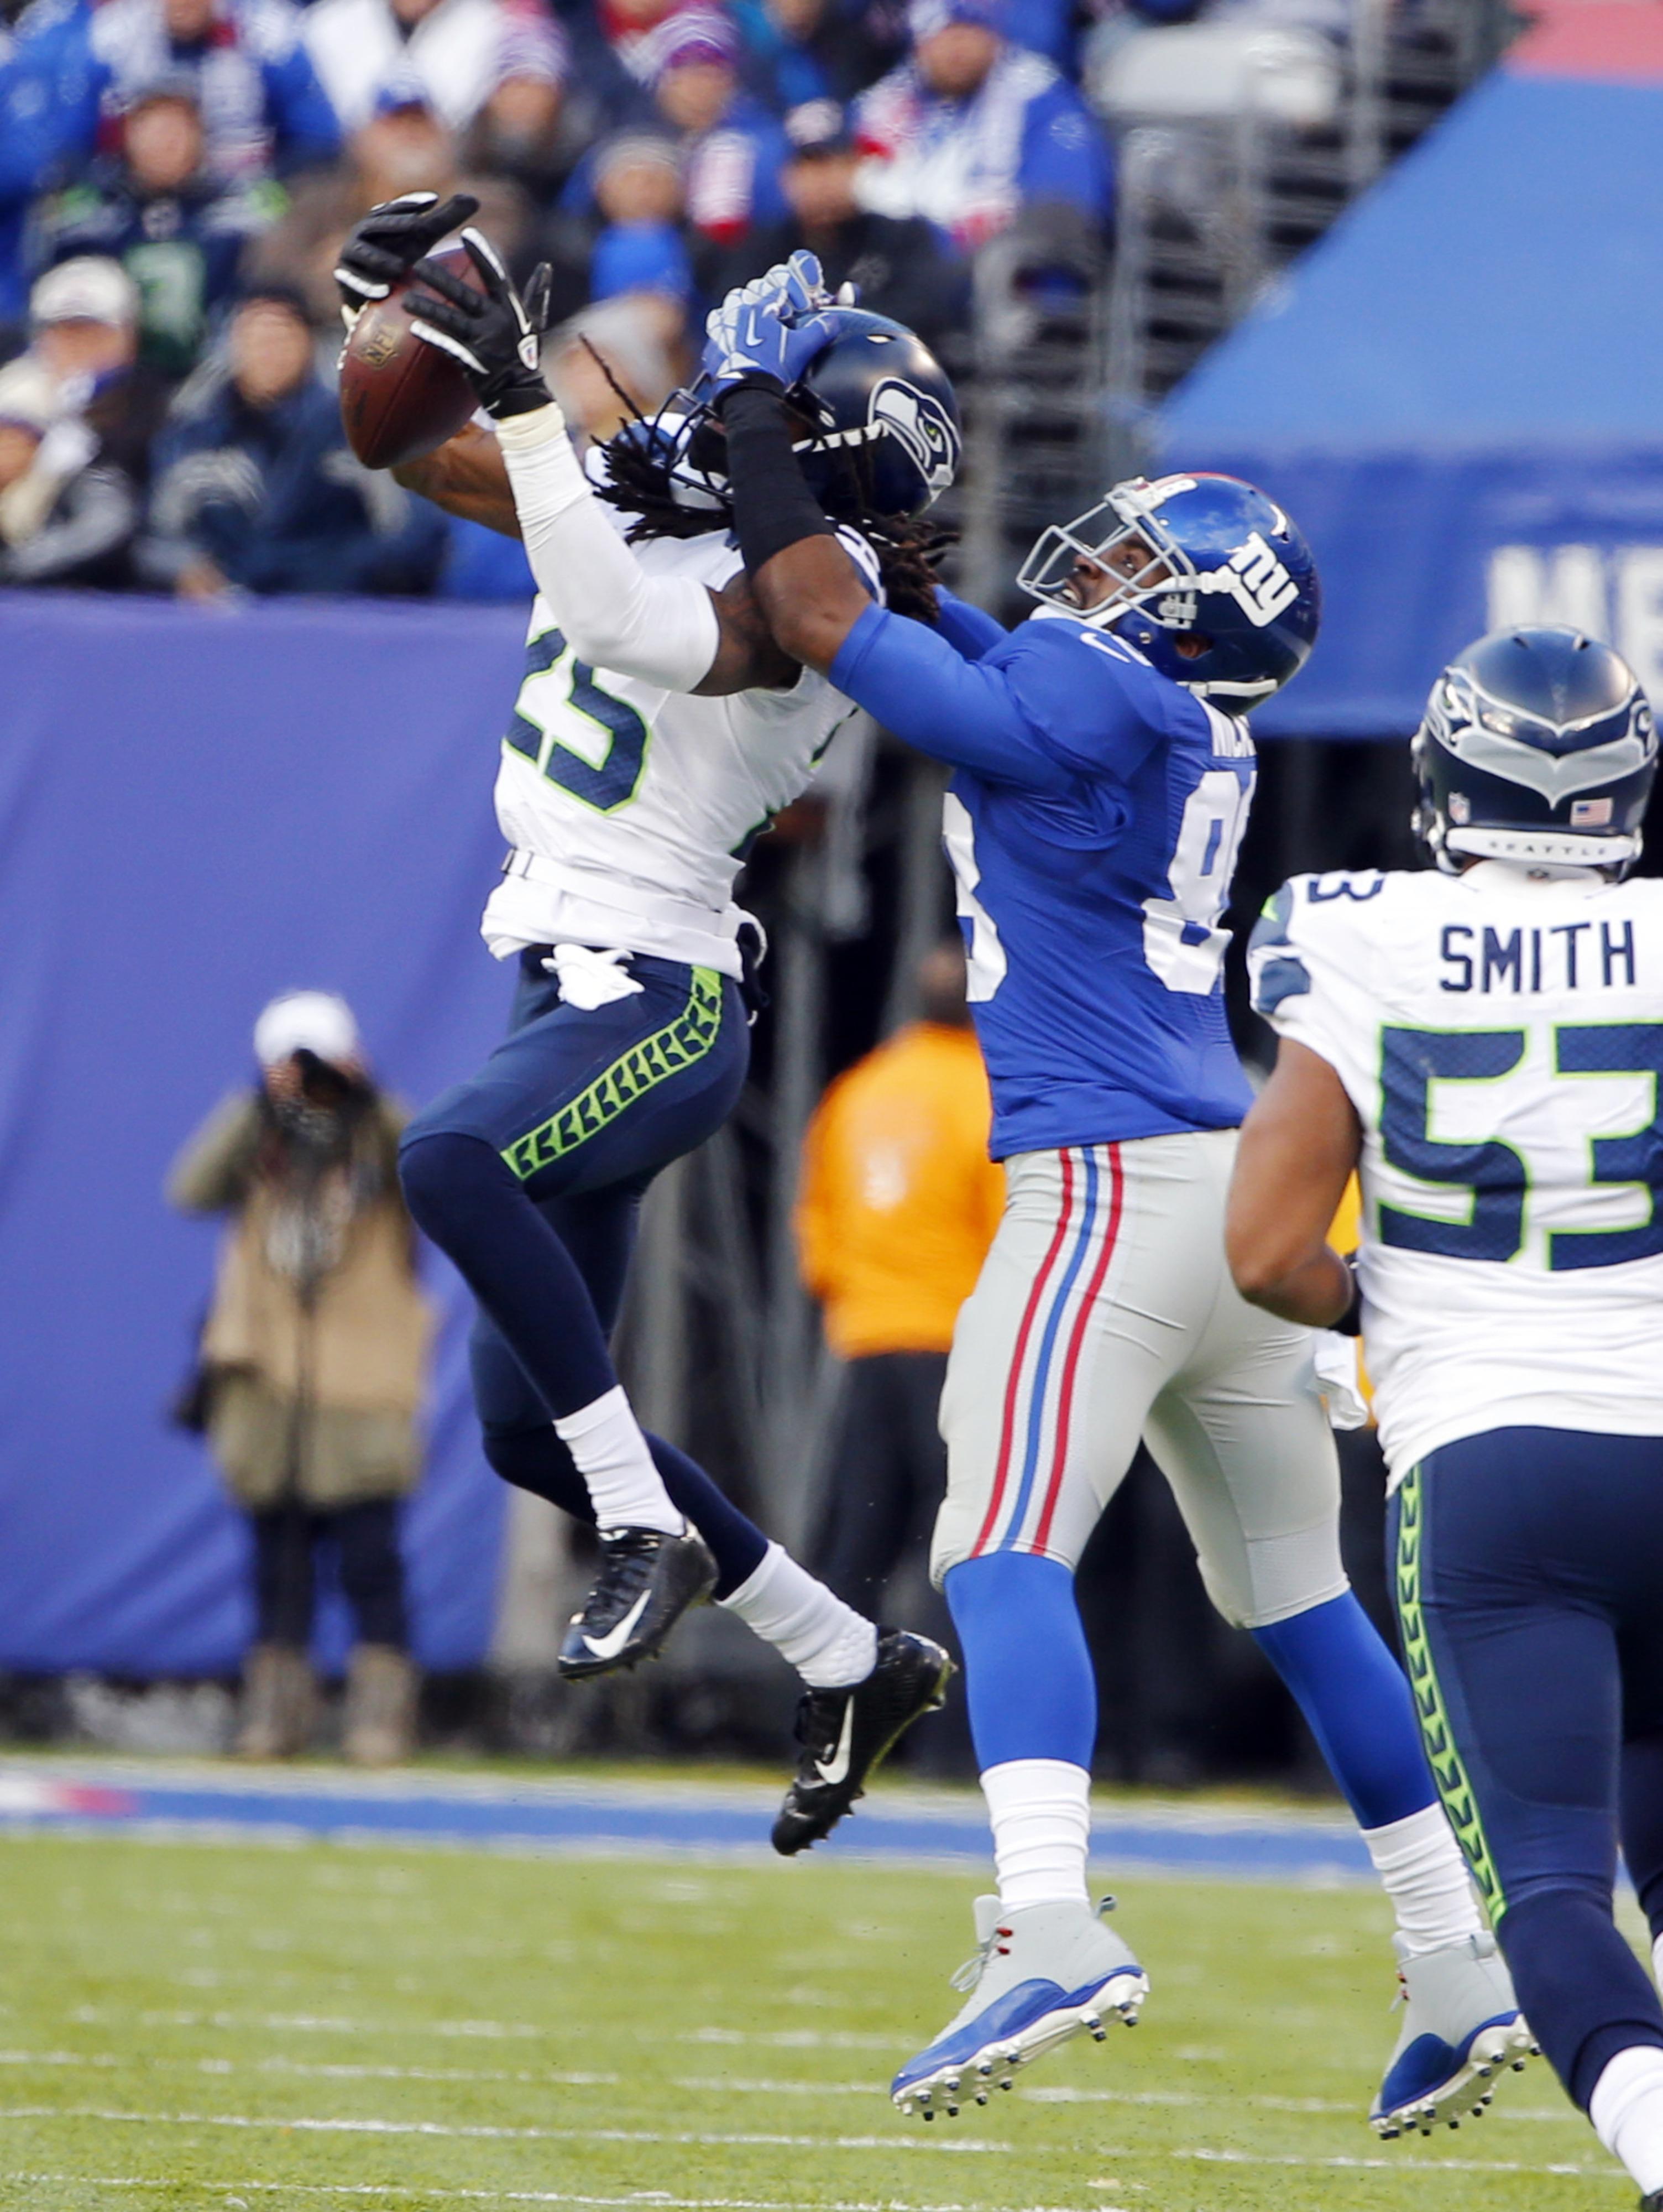 Seahawks vs. Giants 2013 final score: Seattle's defense dominant in 23-0 romp